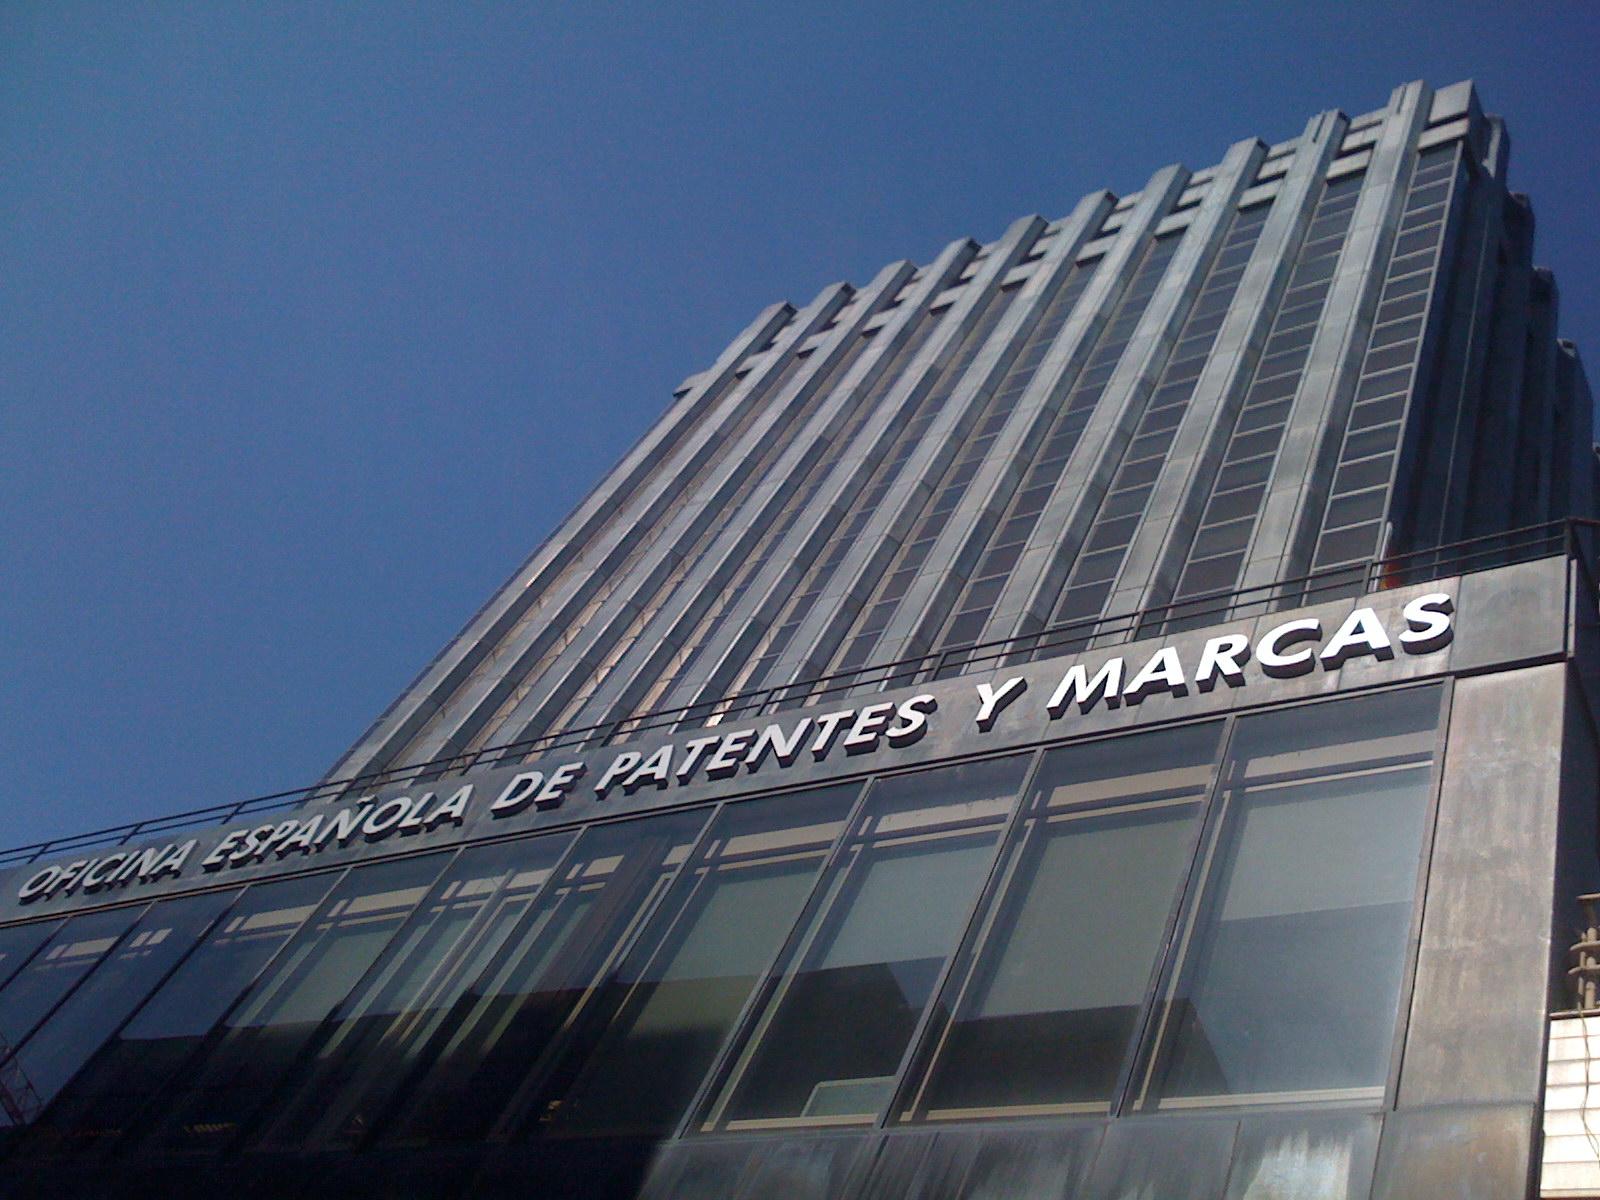 Oficina espa ola de patentes y marcas inventos patentes for Oficina patentes y marcas